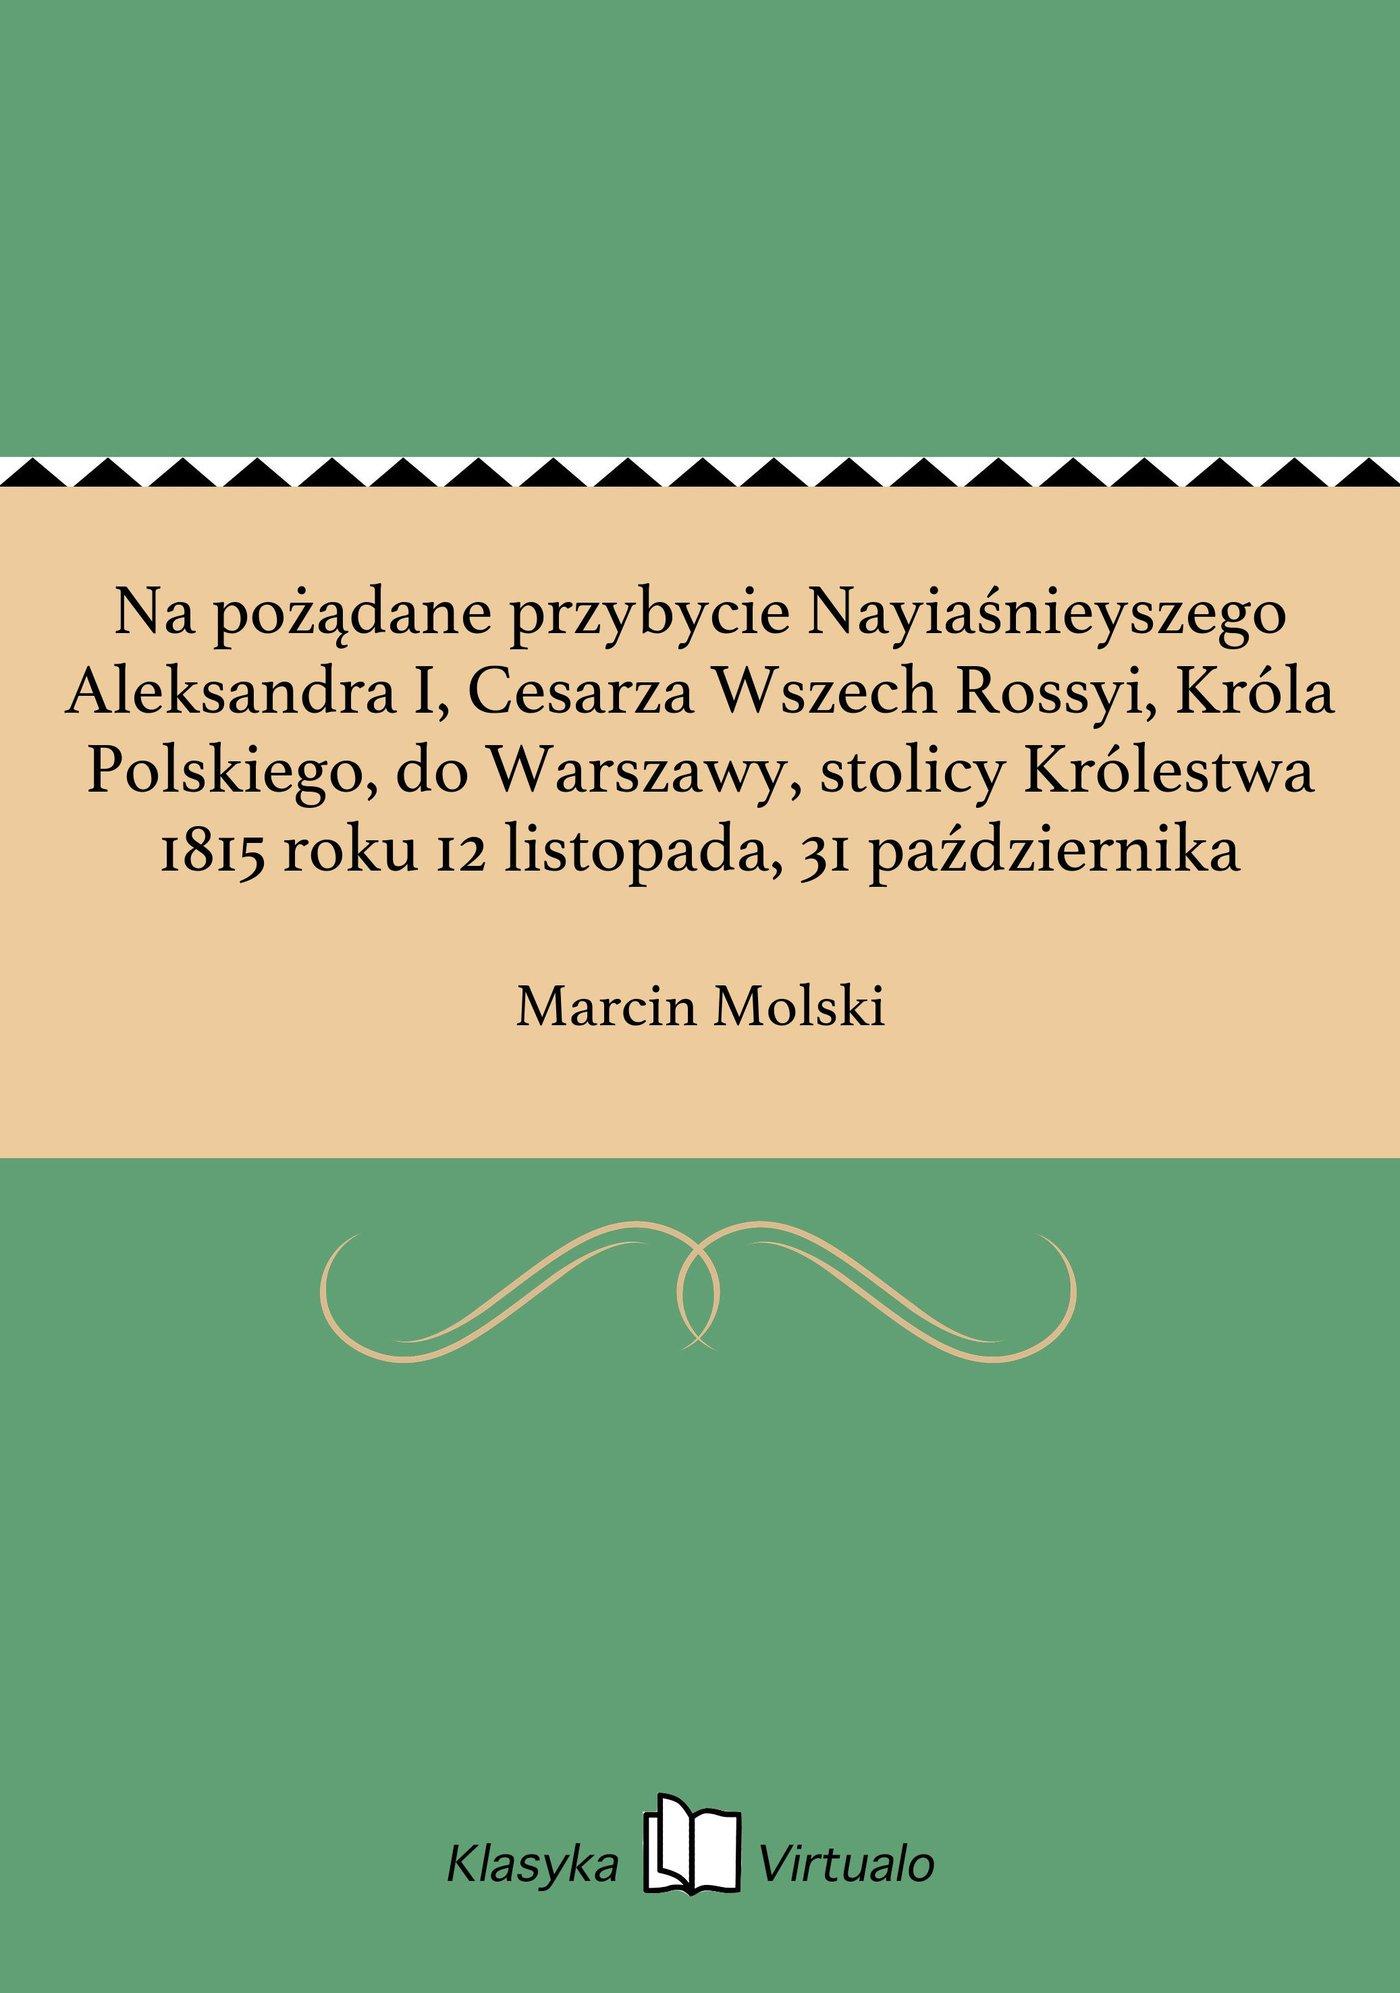 Na pożądane przybycie Nayiaśnieyszego Aleksandra I, Cesarza Wszech Rossyi, Króla Polskiego, do Warszawy, stolicy Królestwa 1815 roku 12 listopada, 31 października - Ebook (Książka EPUB) do pobrania w formacie EPUB